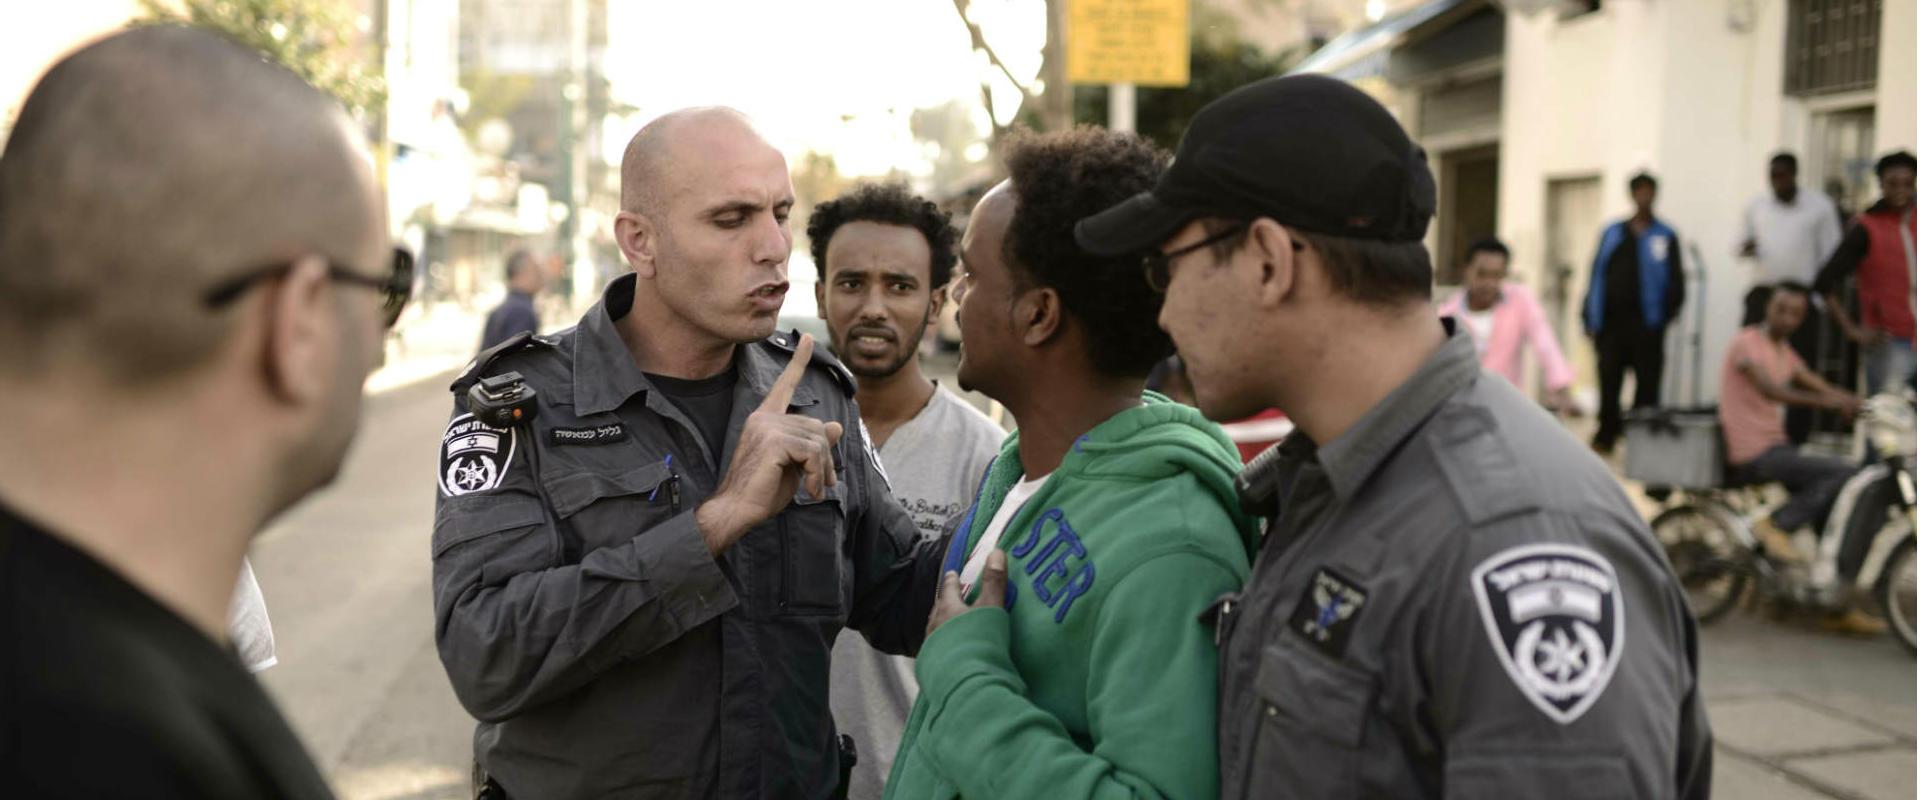 משטרה בדרום תל אביב